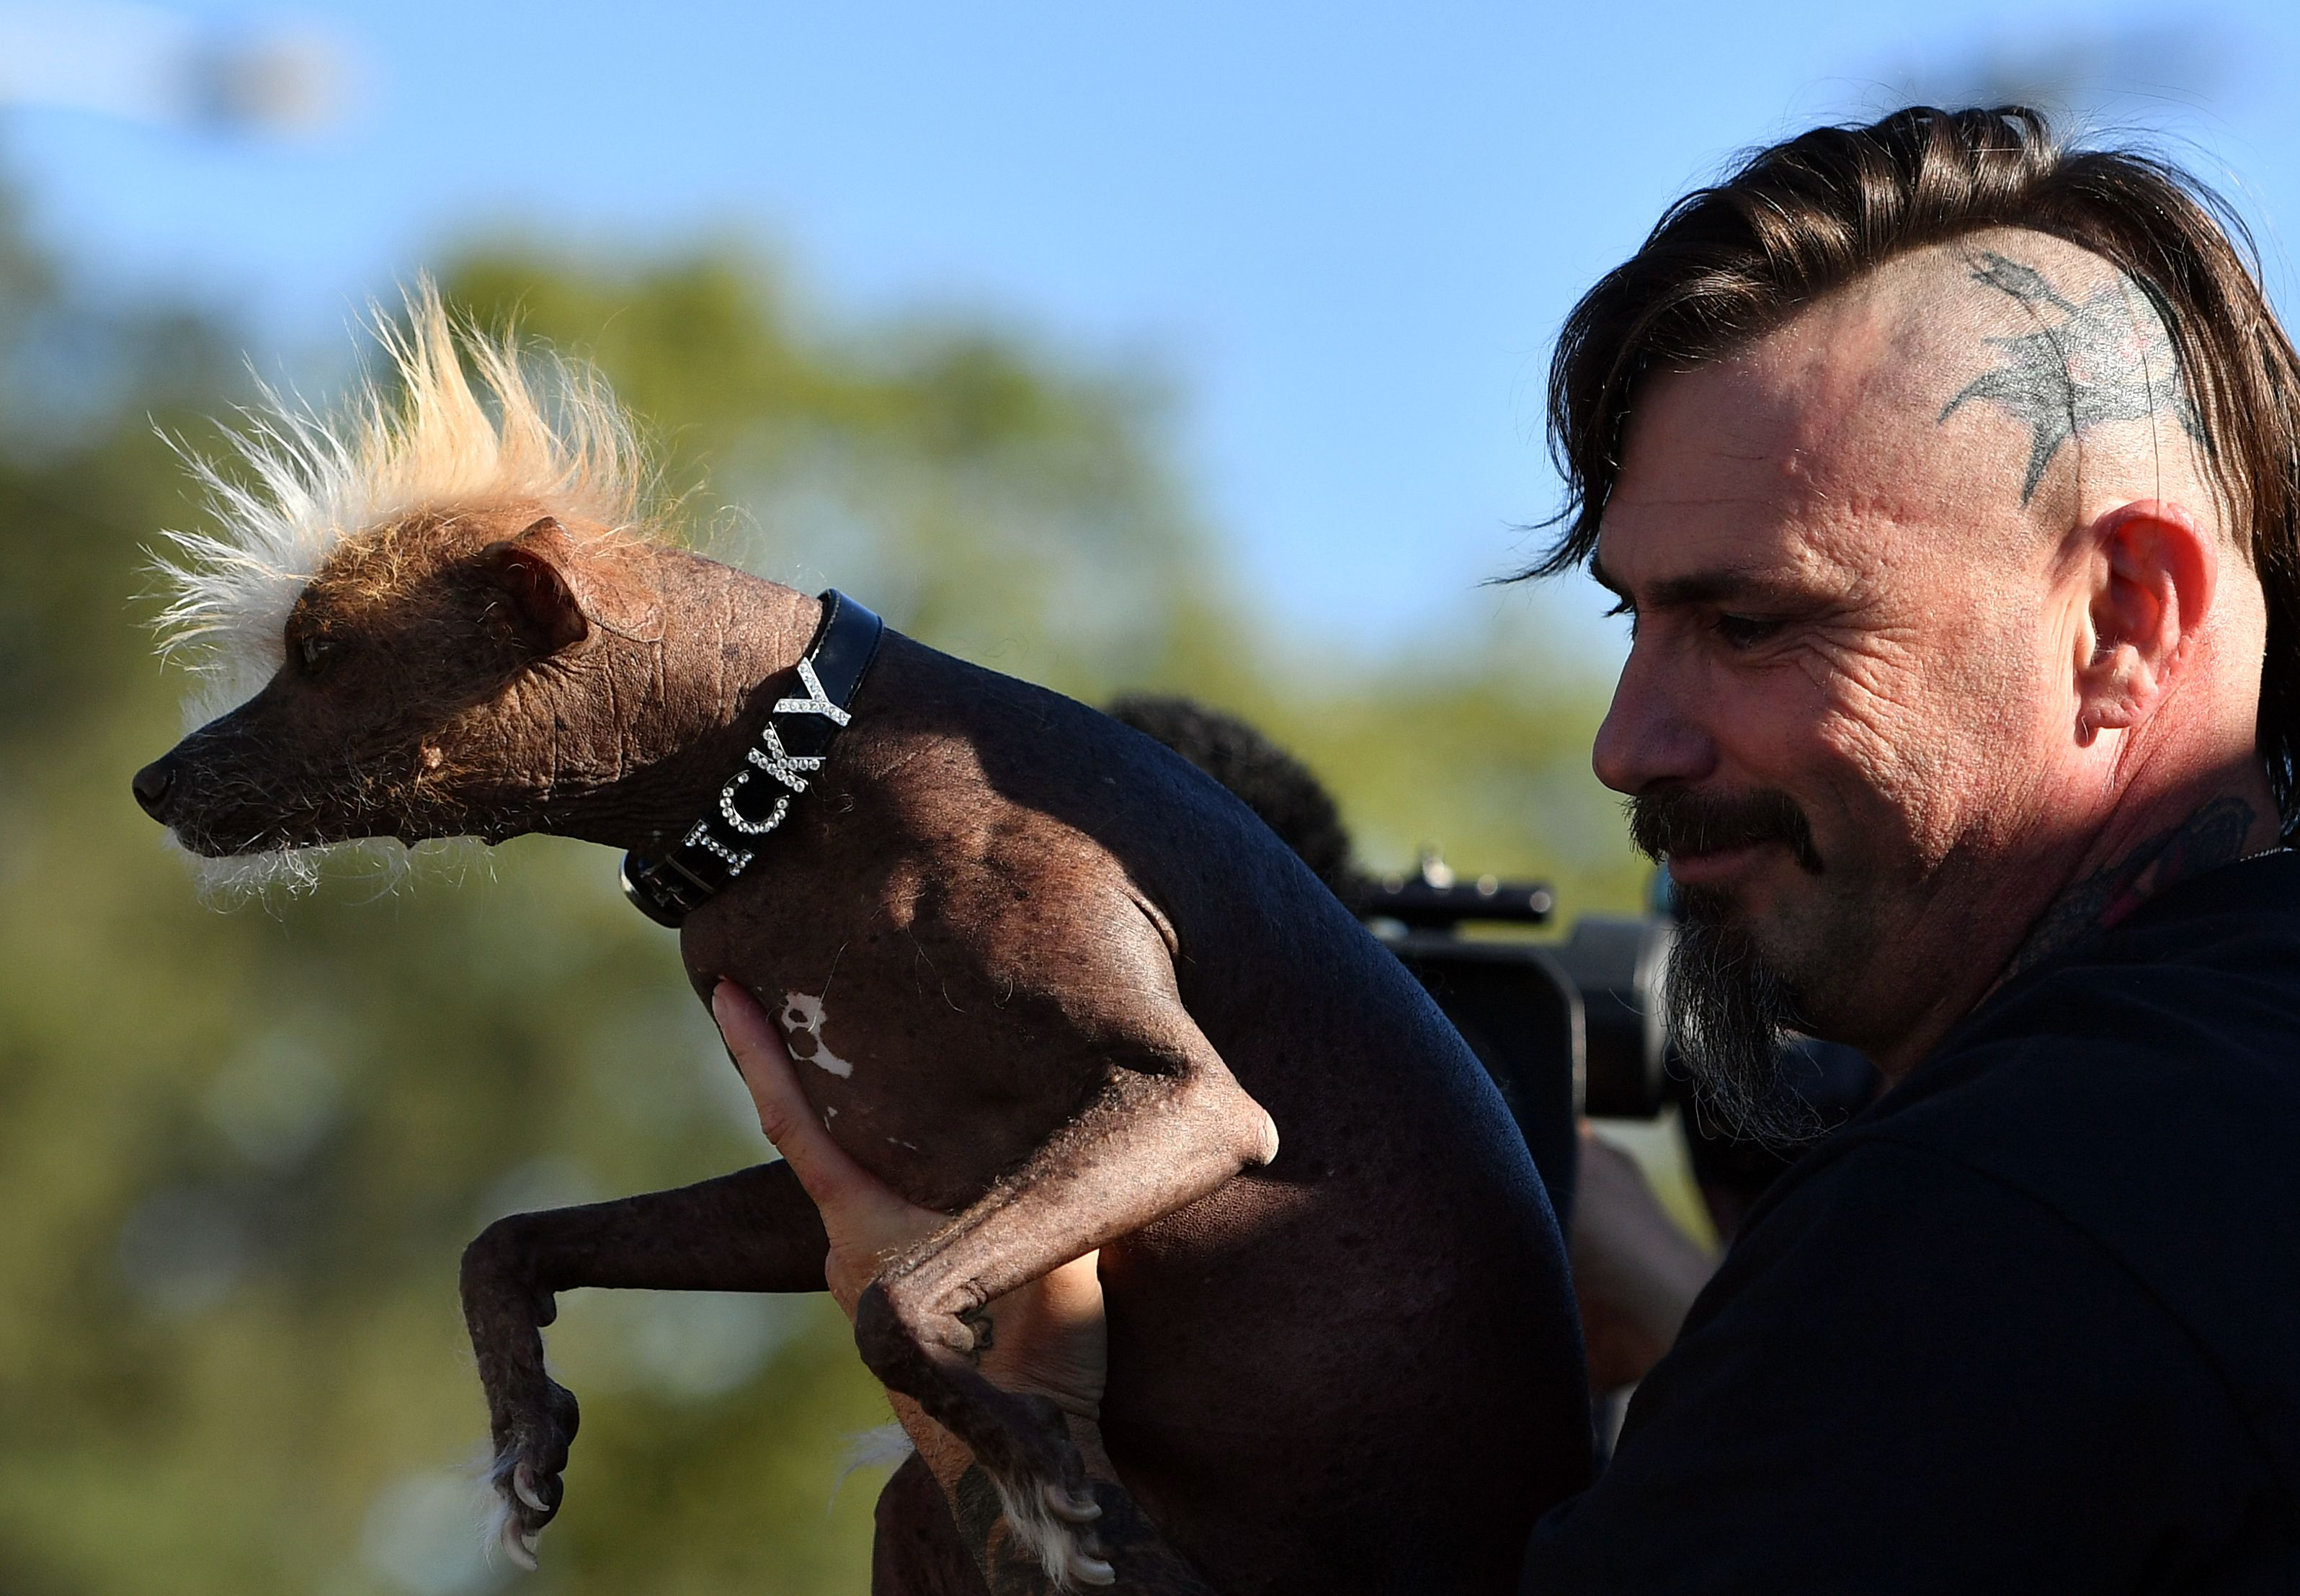 Un crestado chino se coronó como el perro más feo del mundo